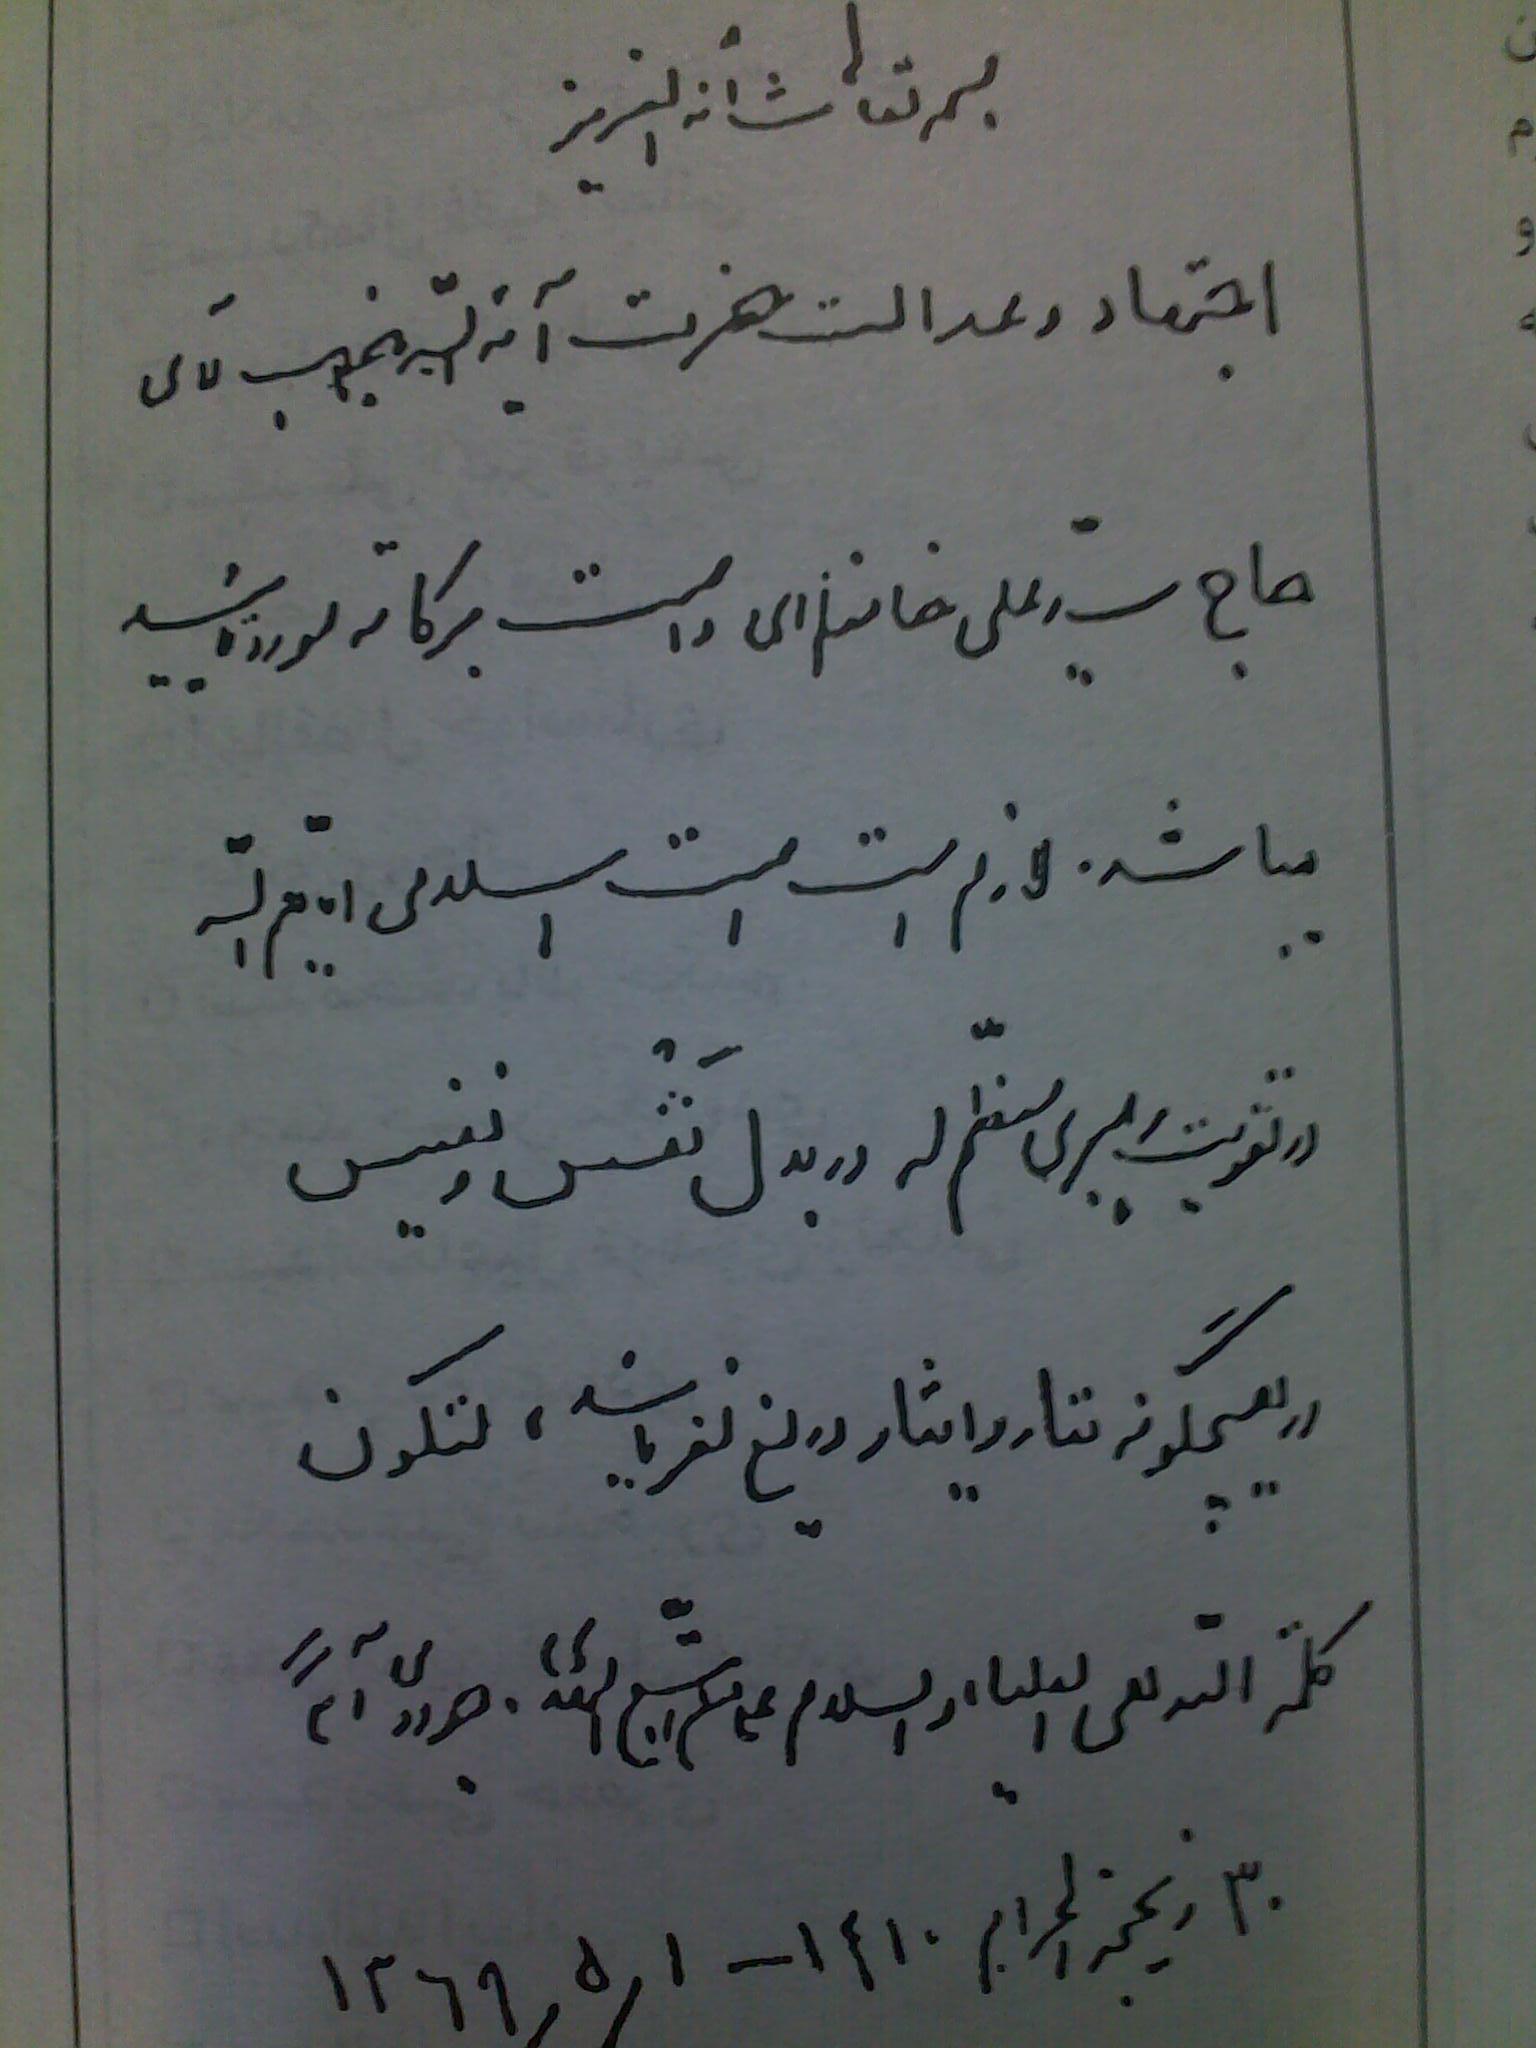 """ایت الله سيد على حسيني خامنه اى""""دام ظله رهبر معظم ا نقلاب"""